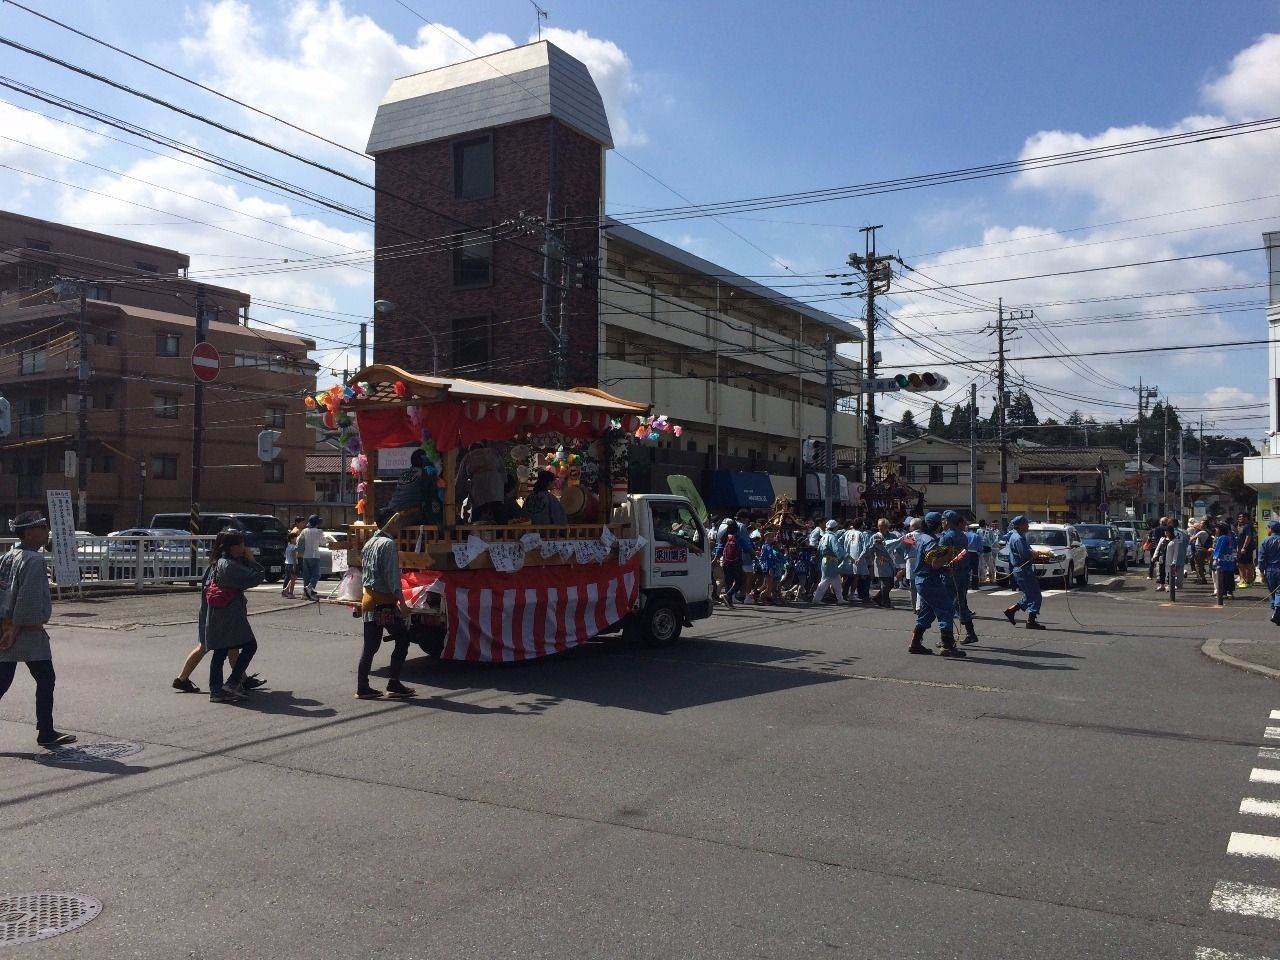 平川神社(横浜市青葉区美しが丘4丁目)の秋祭りの様子です。